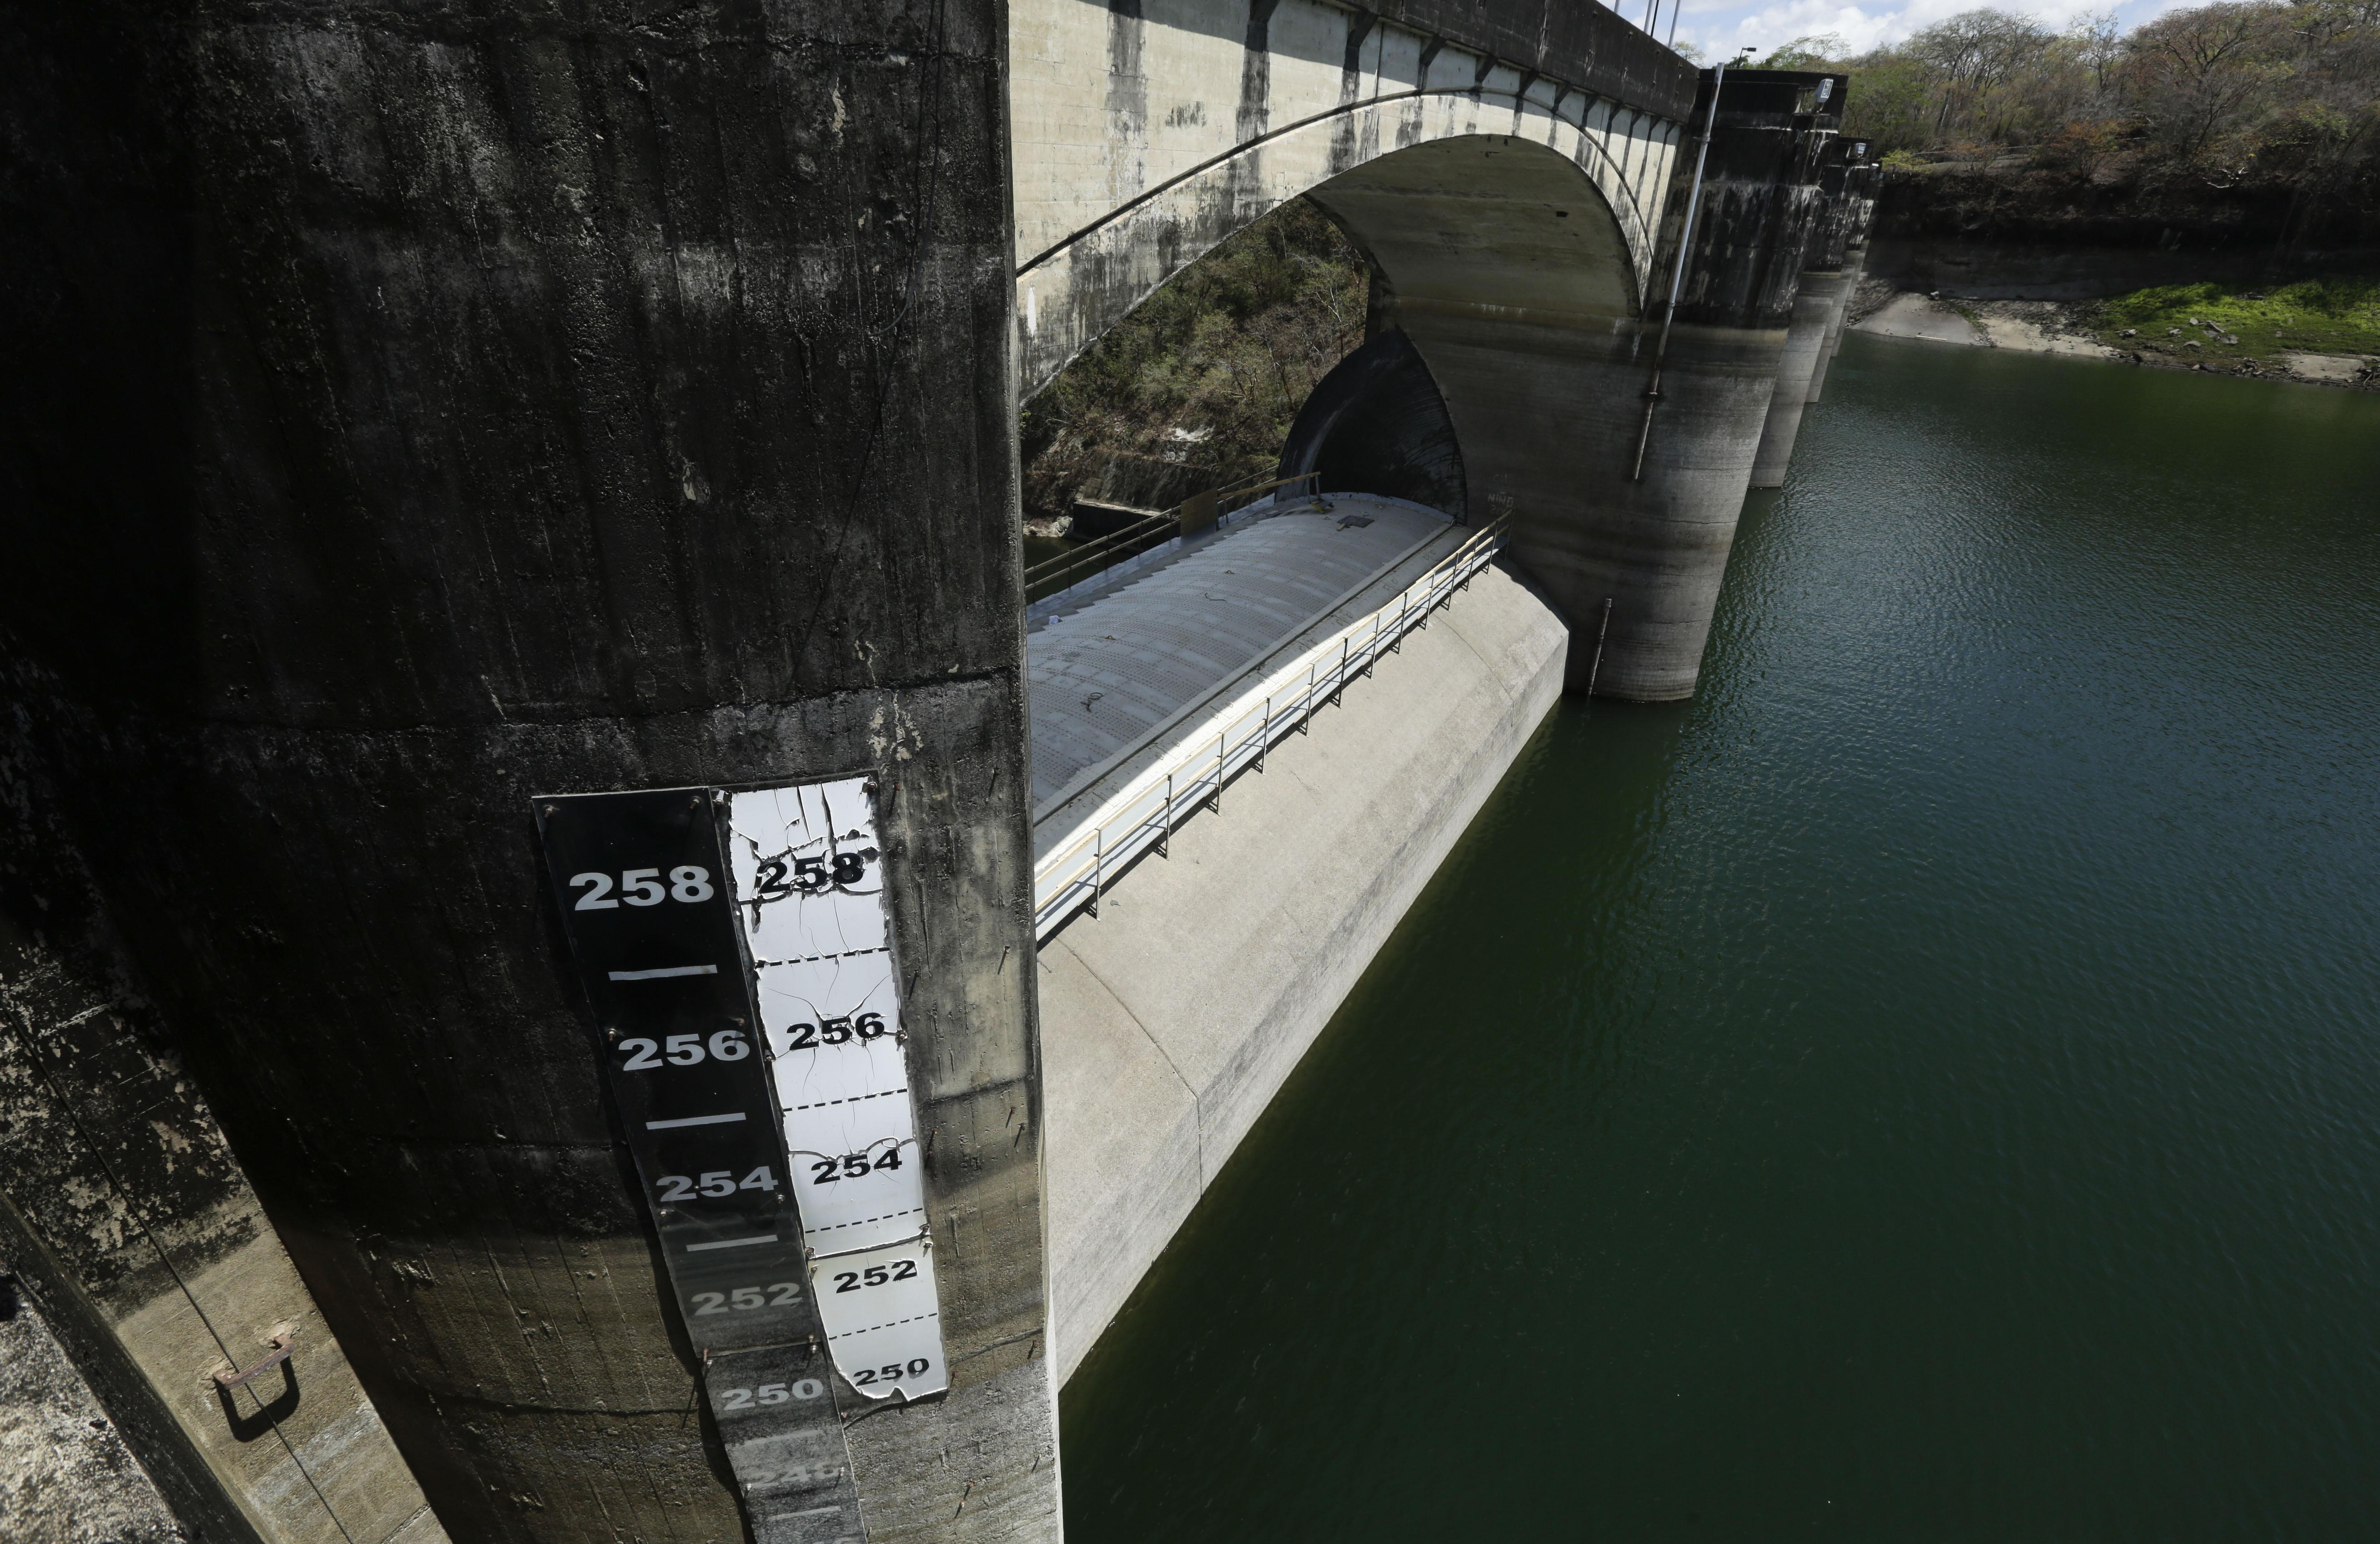 Un medidor muestra en la represa Madden Dam el nivel del agua en el lago Alajuela, en Chilibre, Panama. El lago Alajuela es uno de los dos lagos artificiales que abastecen de agua y electricidad al Canal de Panamá. (AP Foto/Arnulfo Franco)